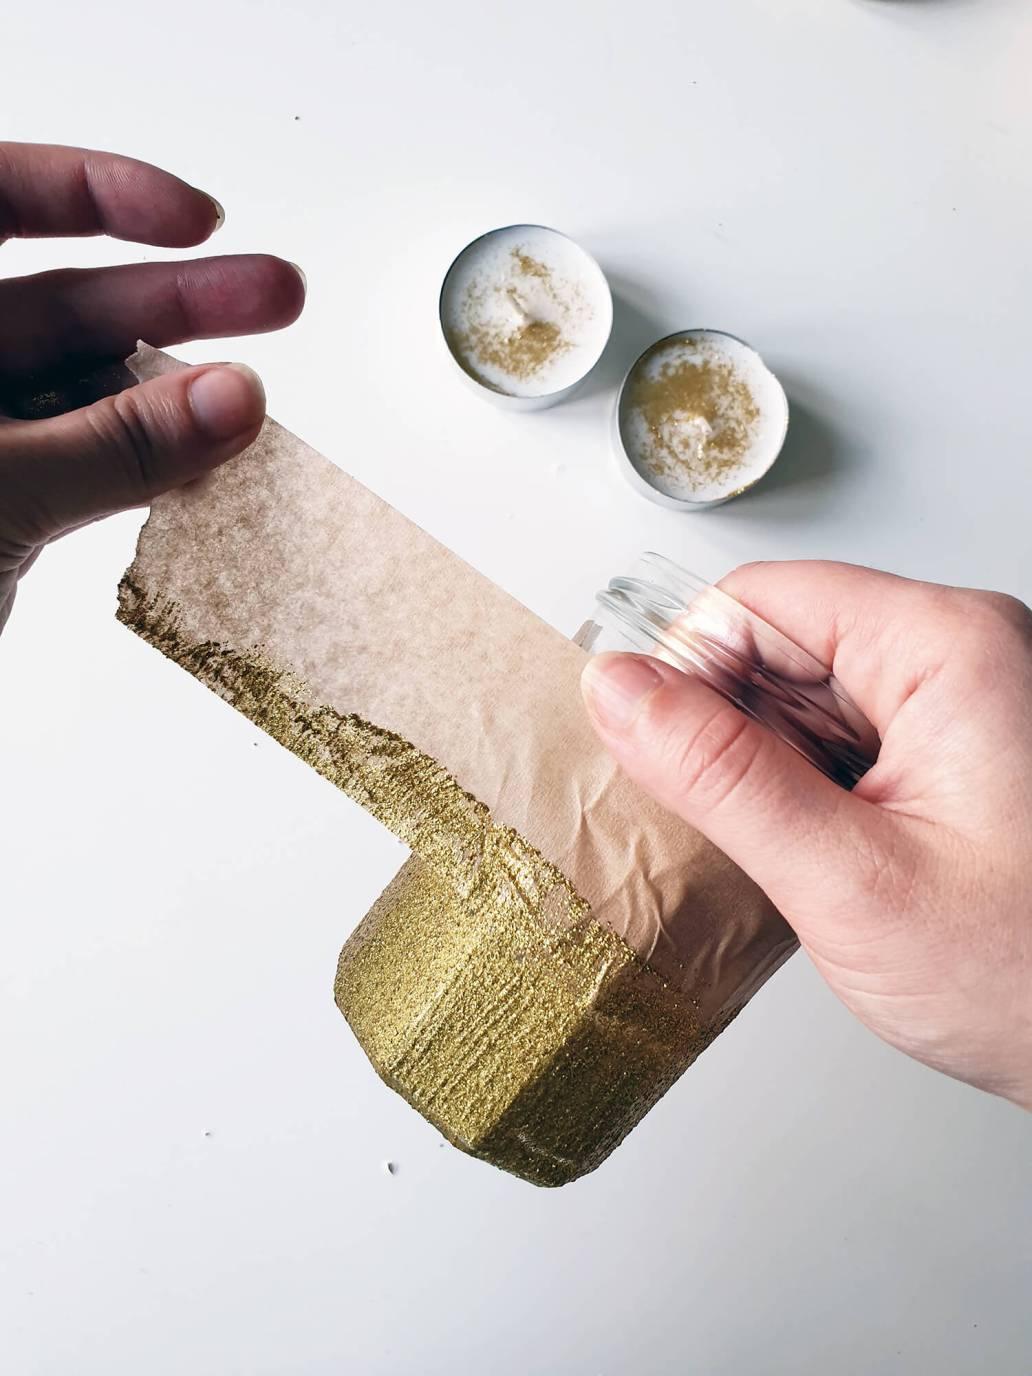 20201013 172011 - DIY Noël zéro-déchet : créer des photophores dorés